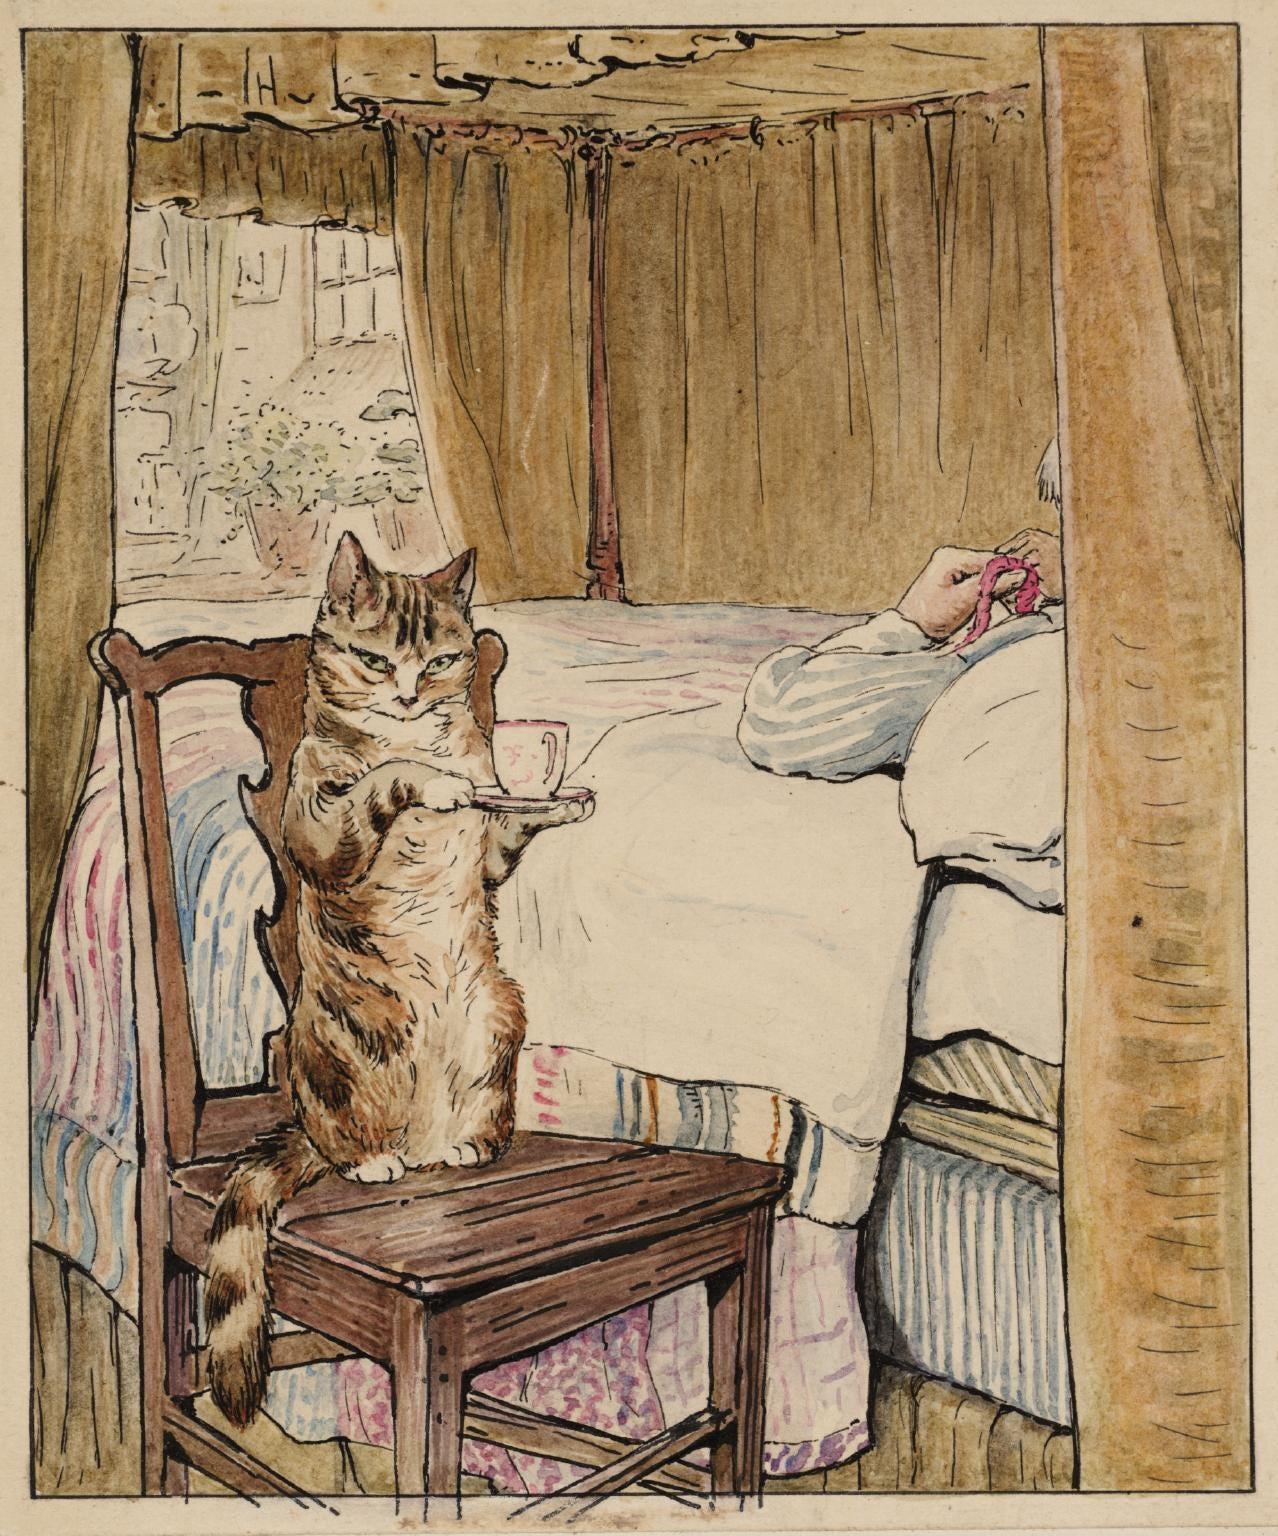 Helen Beatrix Potter, 'Simpkin at the Tailor's Bedside' c.1902